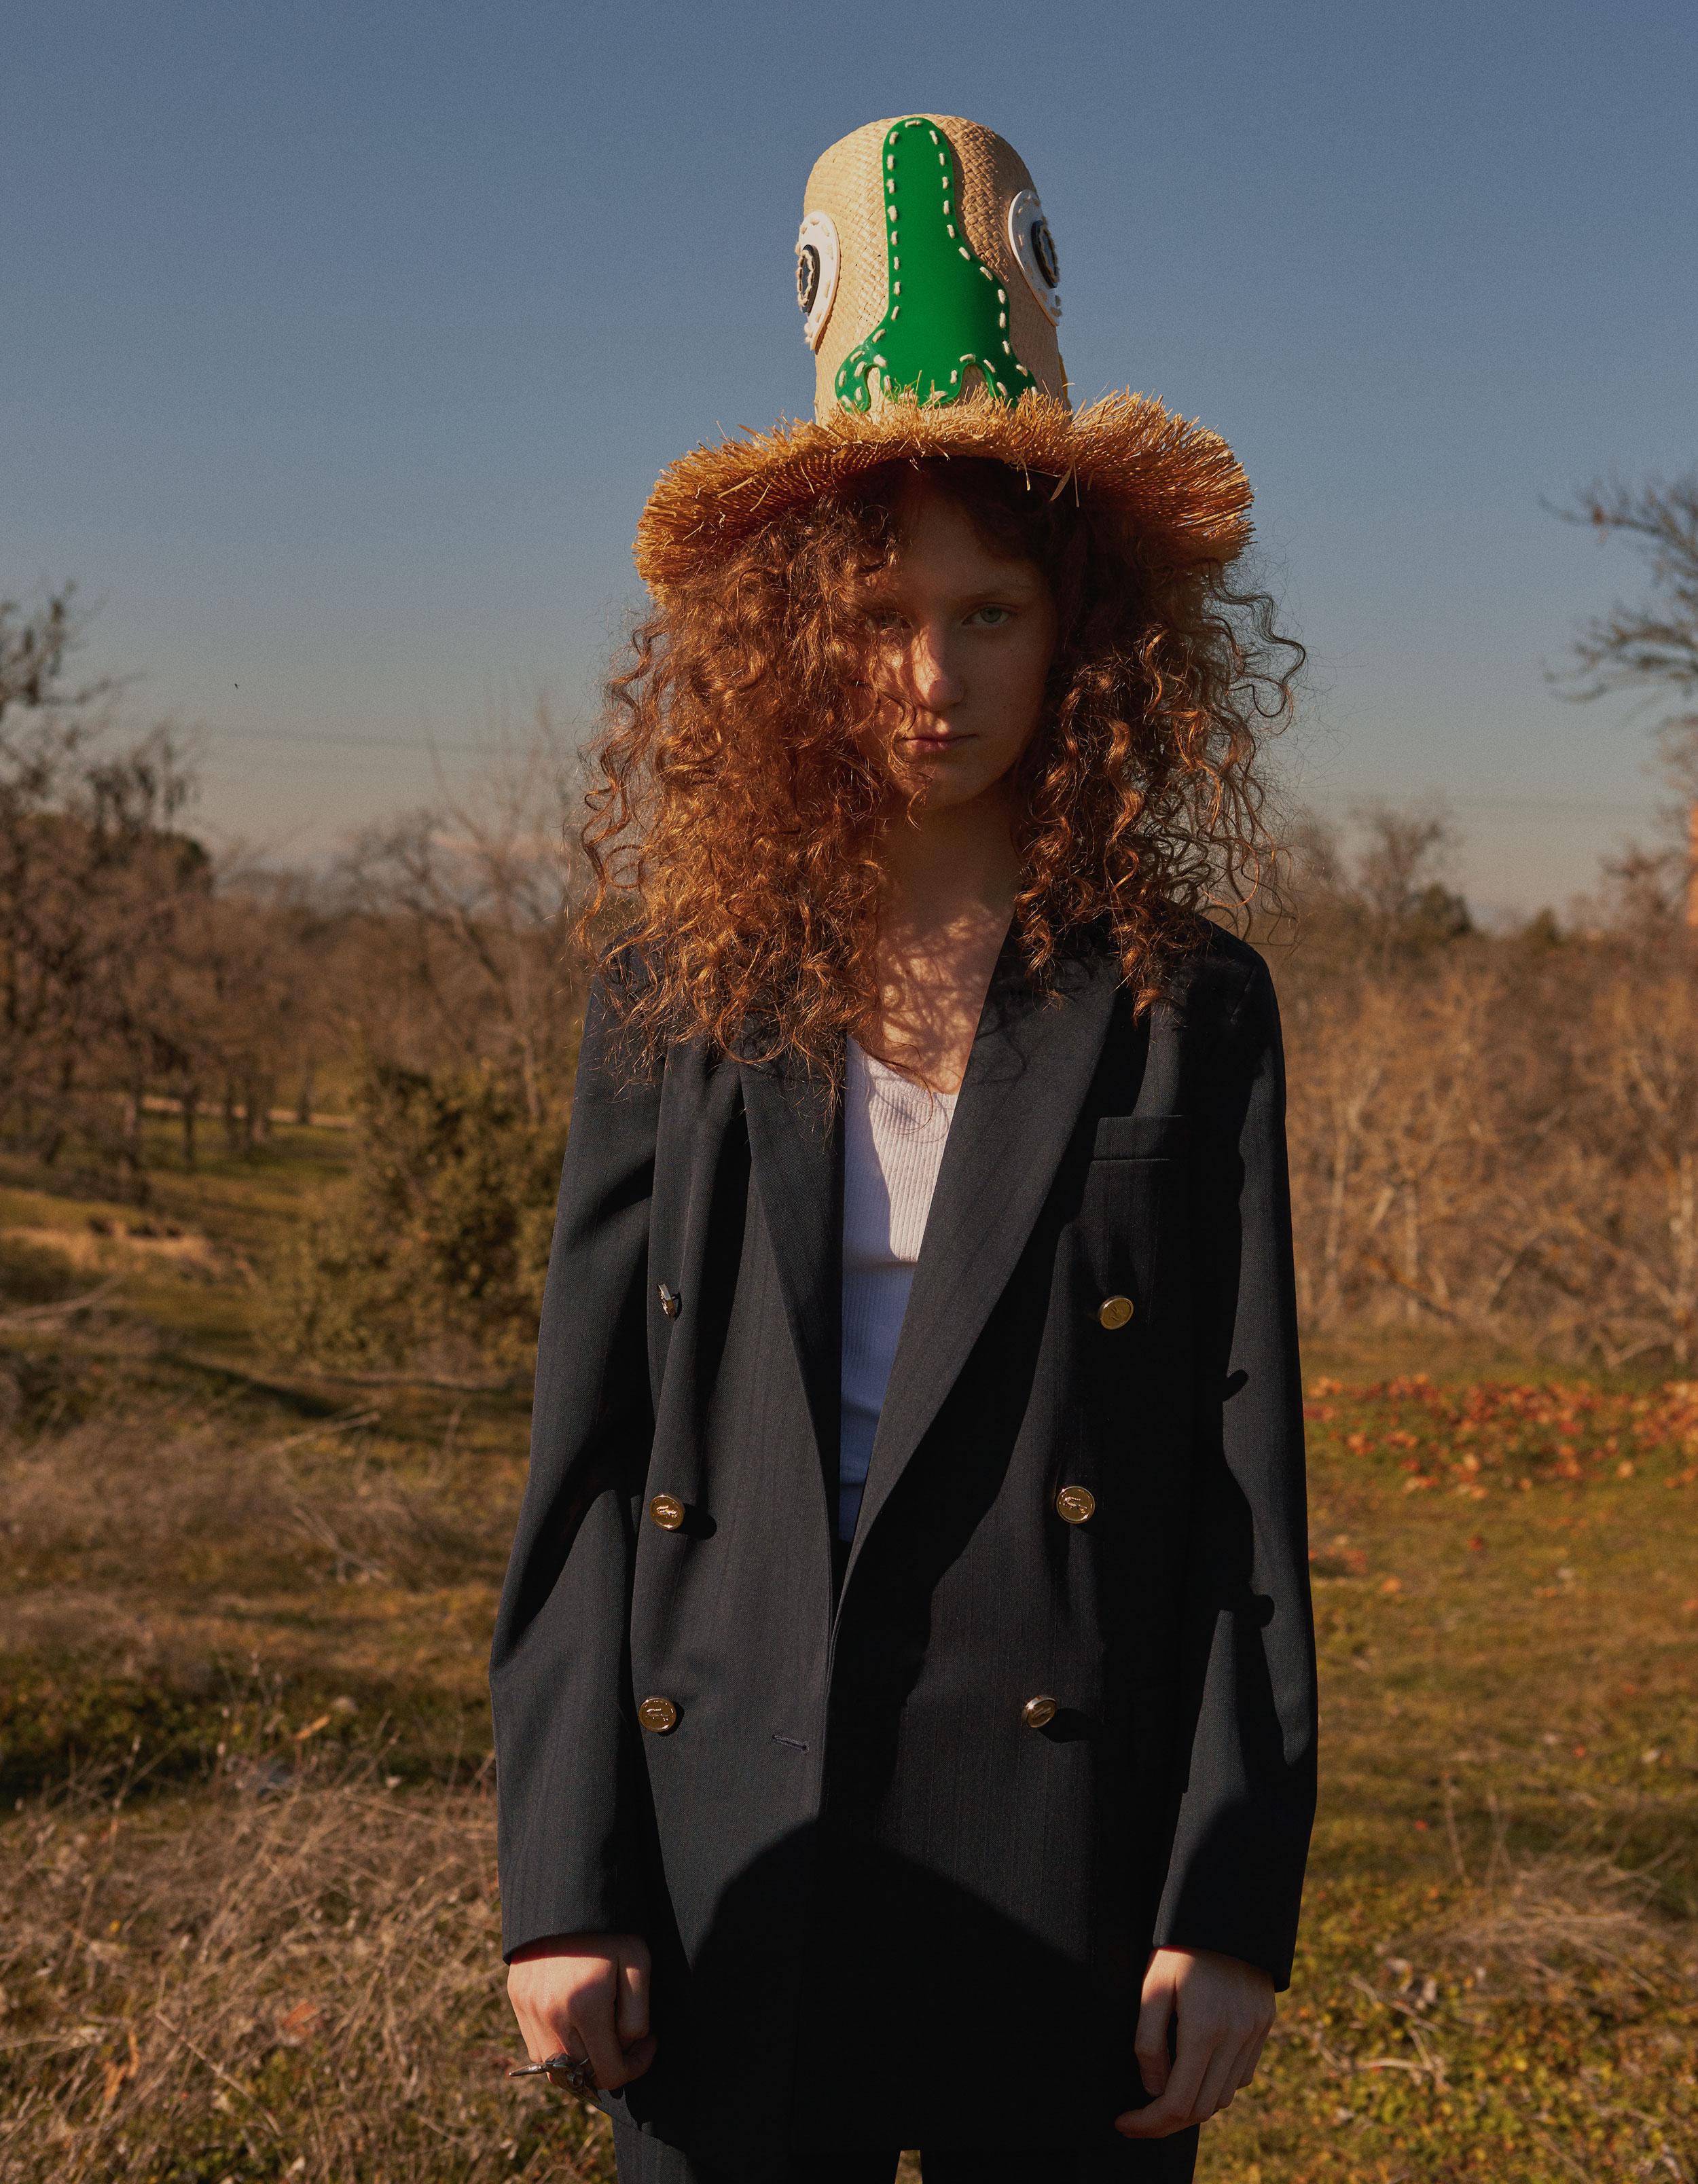 Traje de  LACOSTE,  camiseta de  CK CALVIN , sombrero de  PARDO HATS  y anillo de  ELENA ESTAÚN .